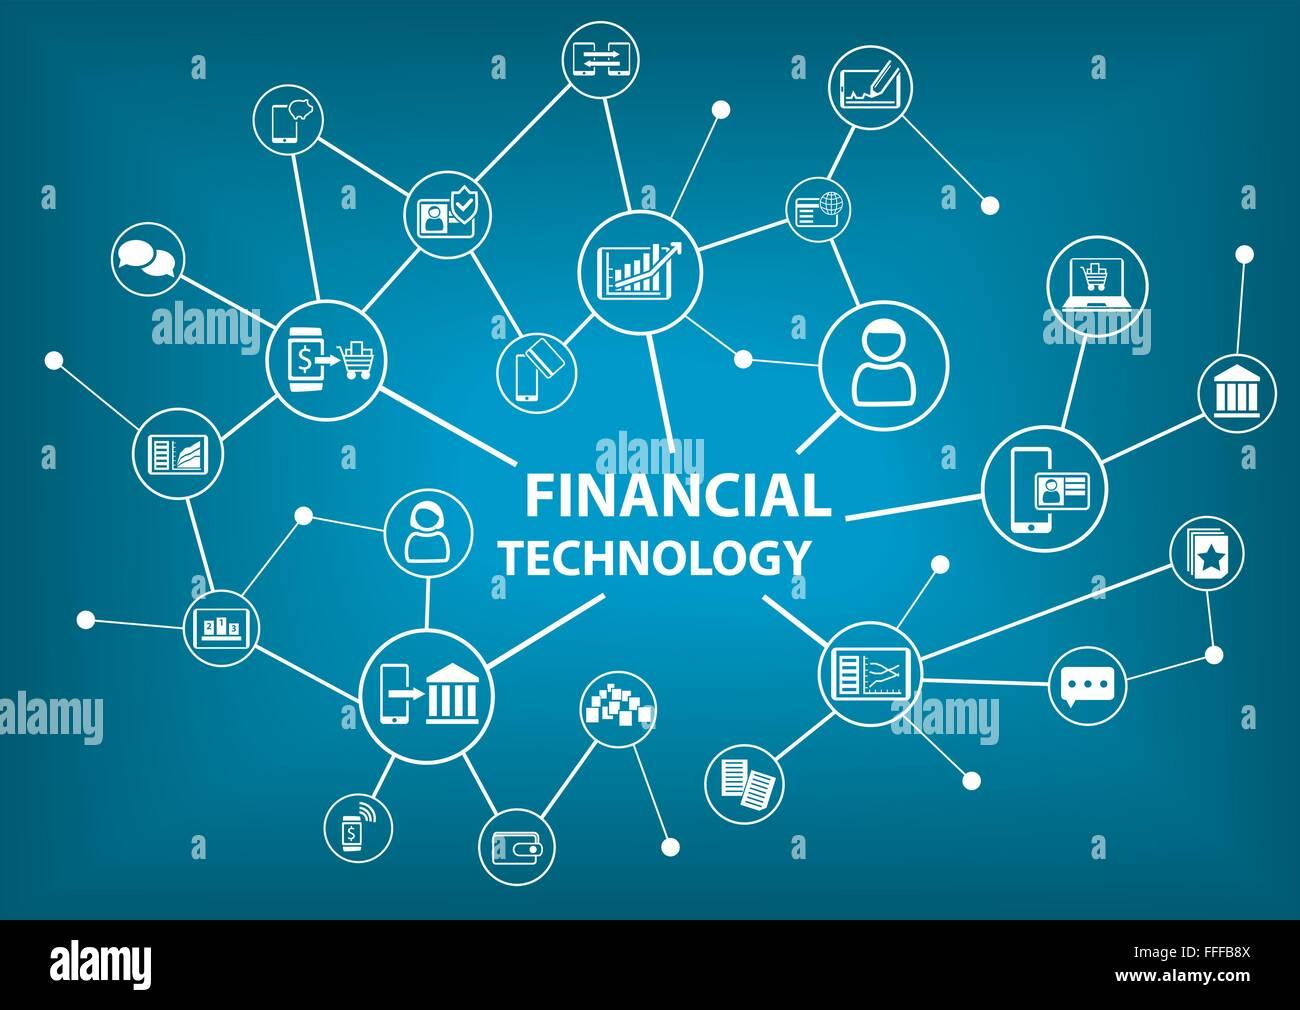 La technologie financière (Fin-Tech) concept comme arrière-plan d'illustration vectorielle Photo Stock